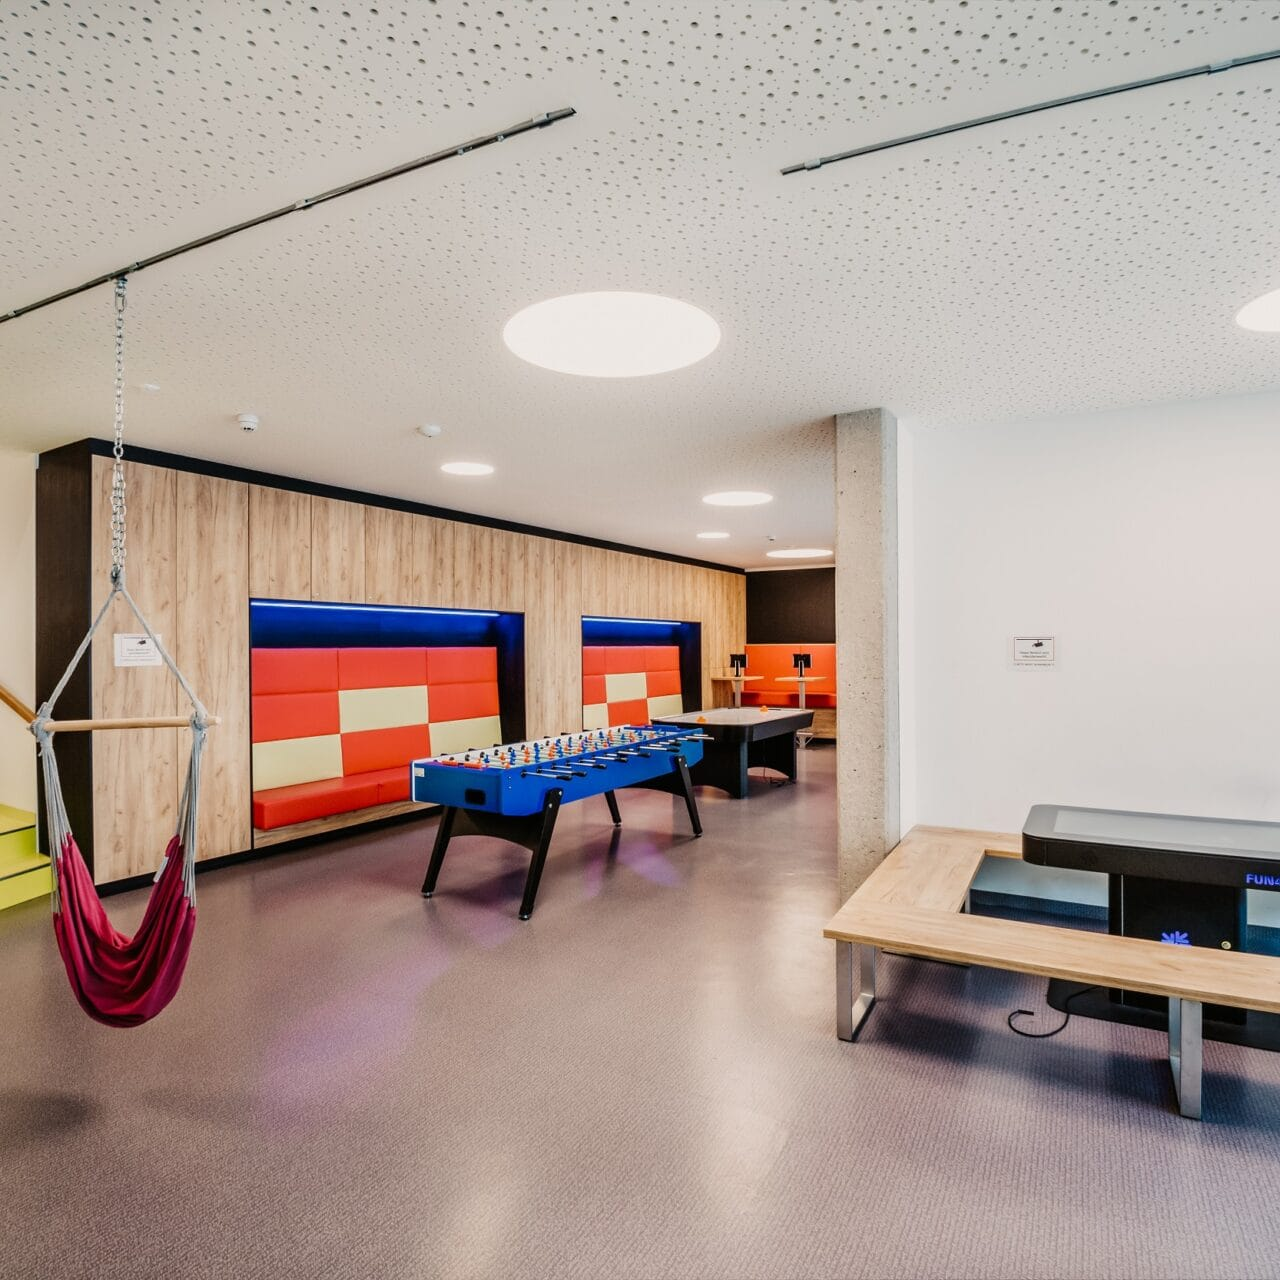 hofgut-apartment-lifestyle-resort-familienurlaub-gamesarea